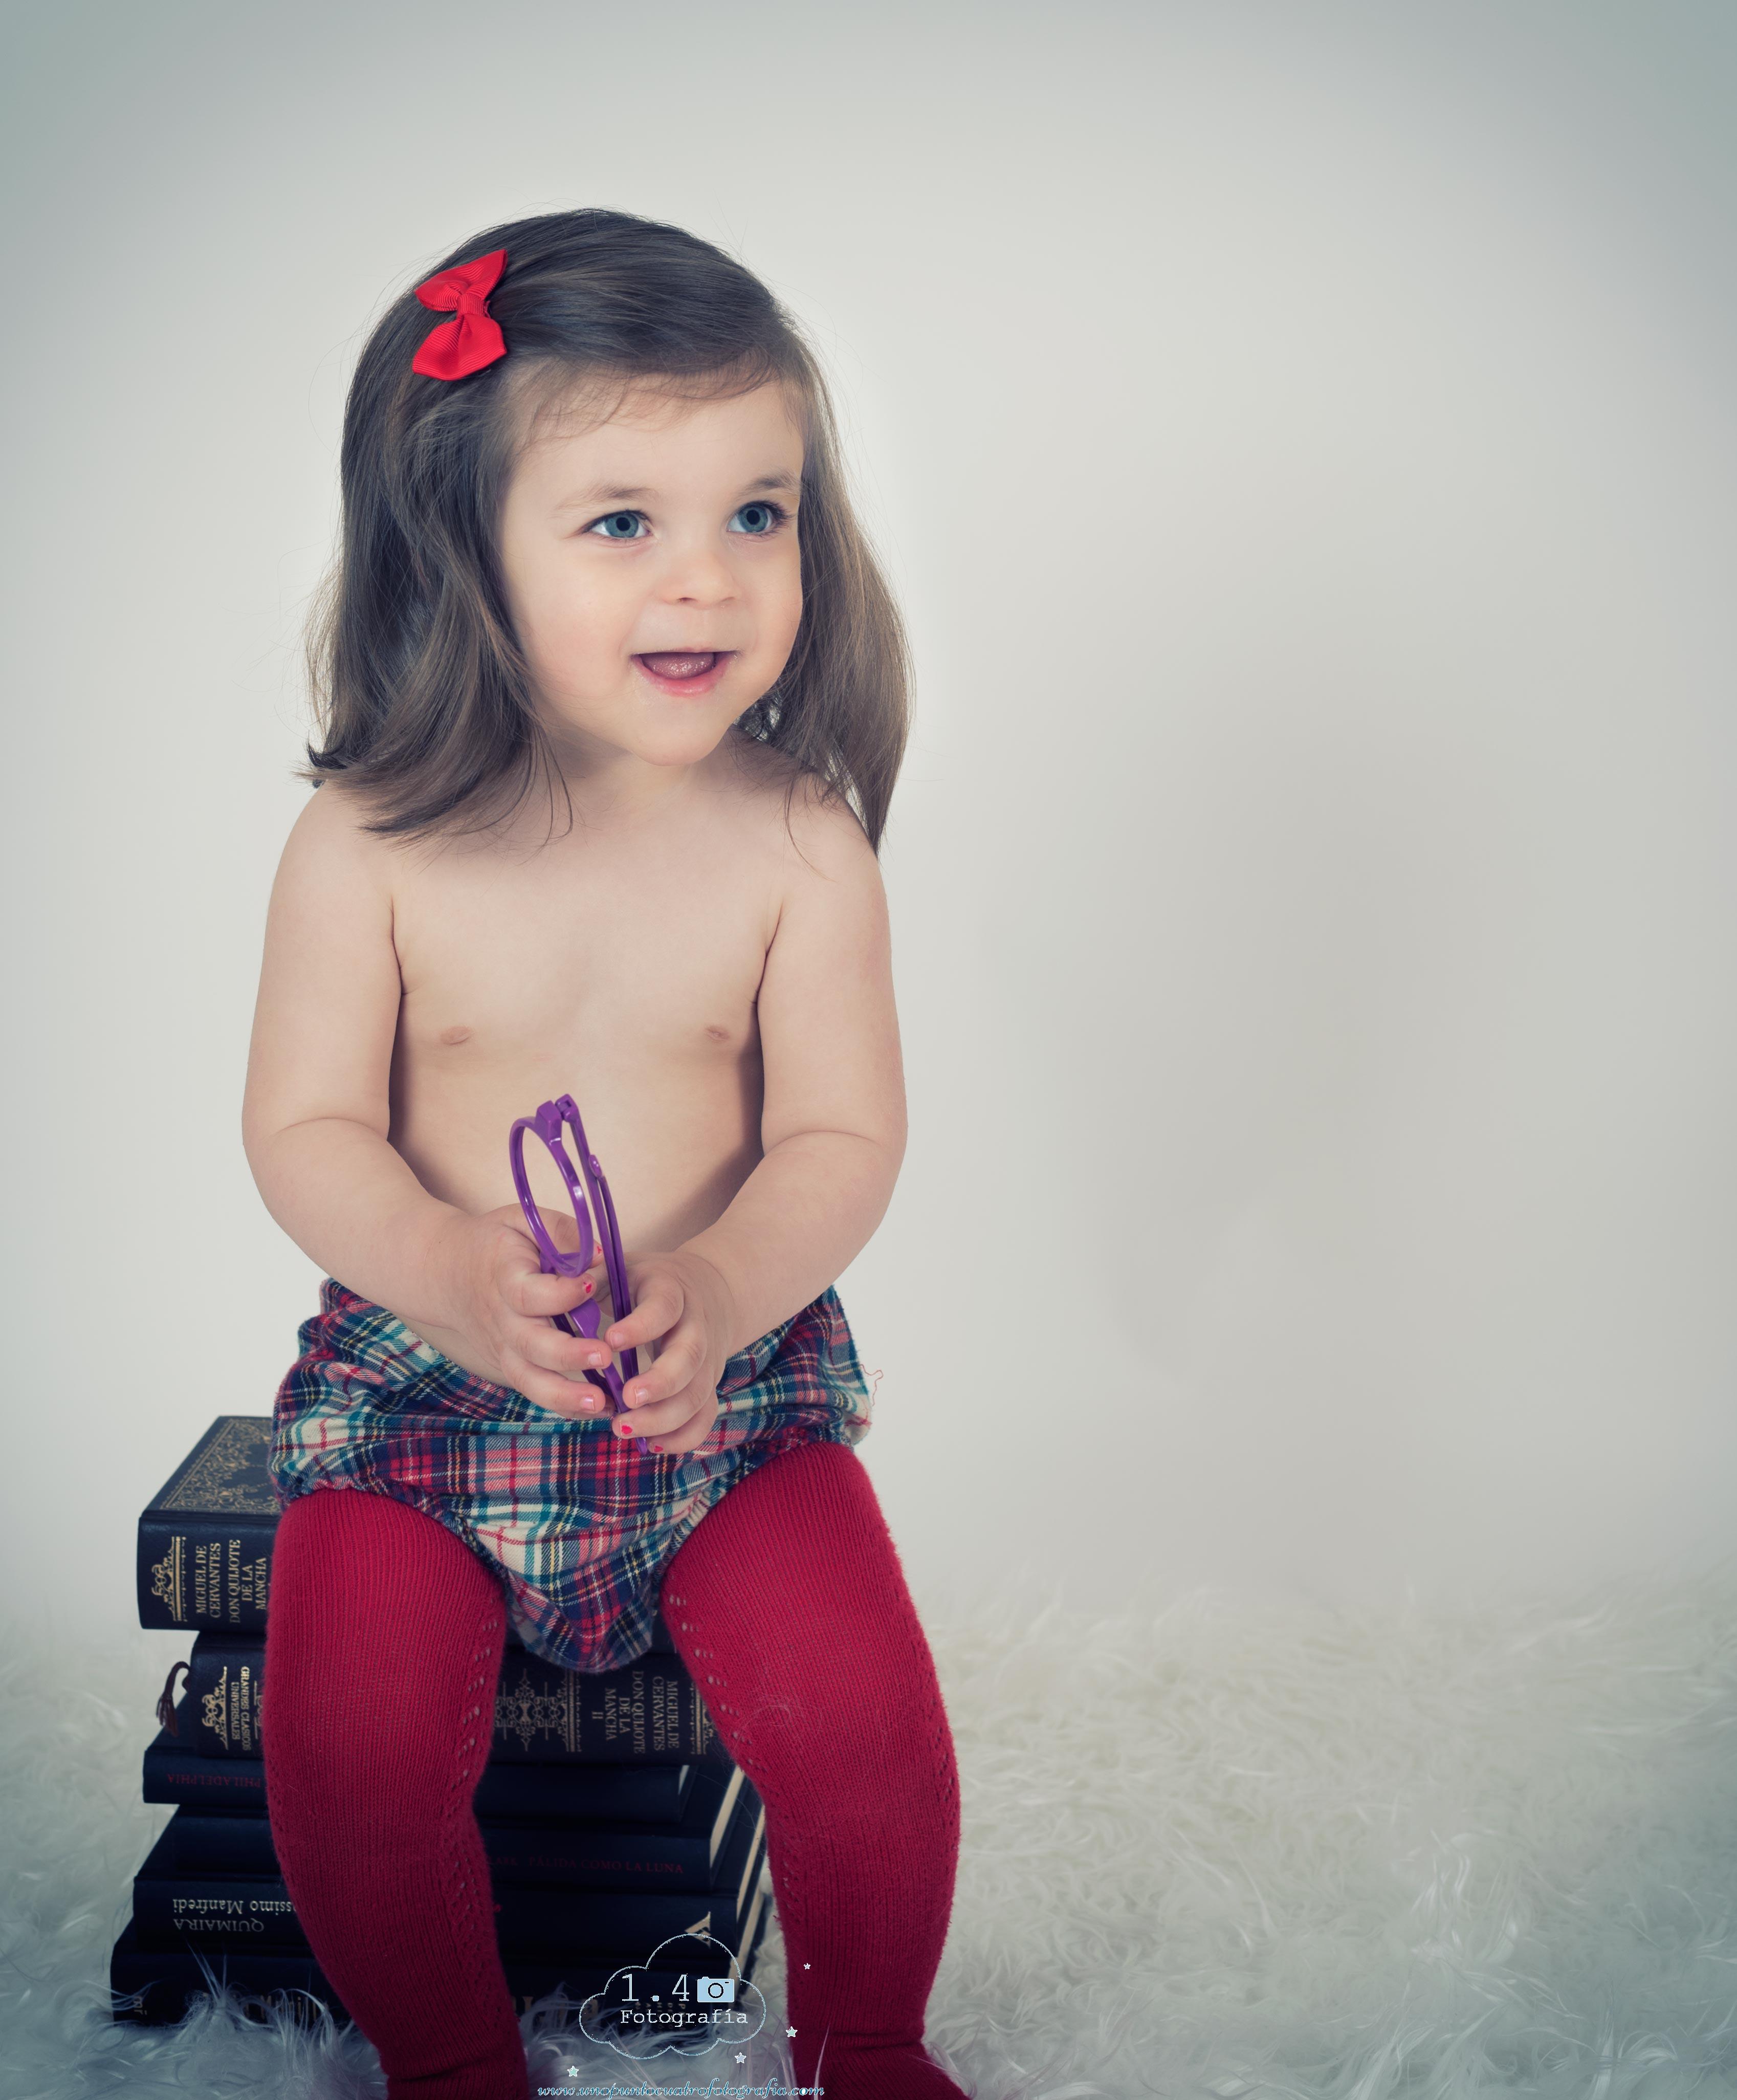 Sesión de fotografía infantil en Pontevedra de uno punto cuatro fotografía